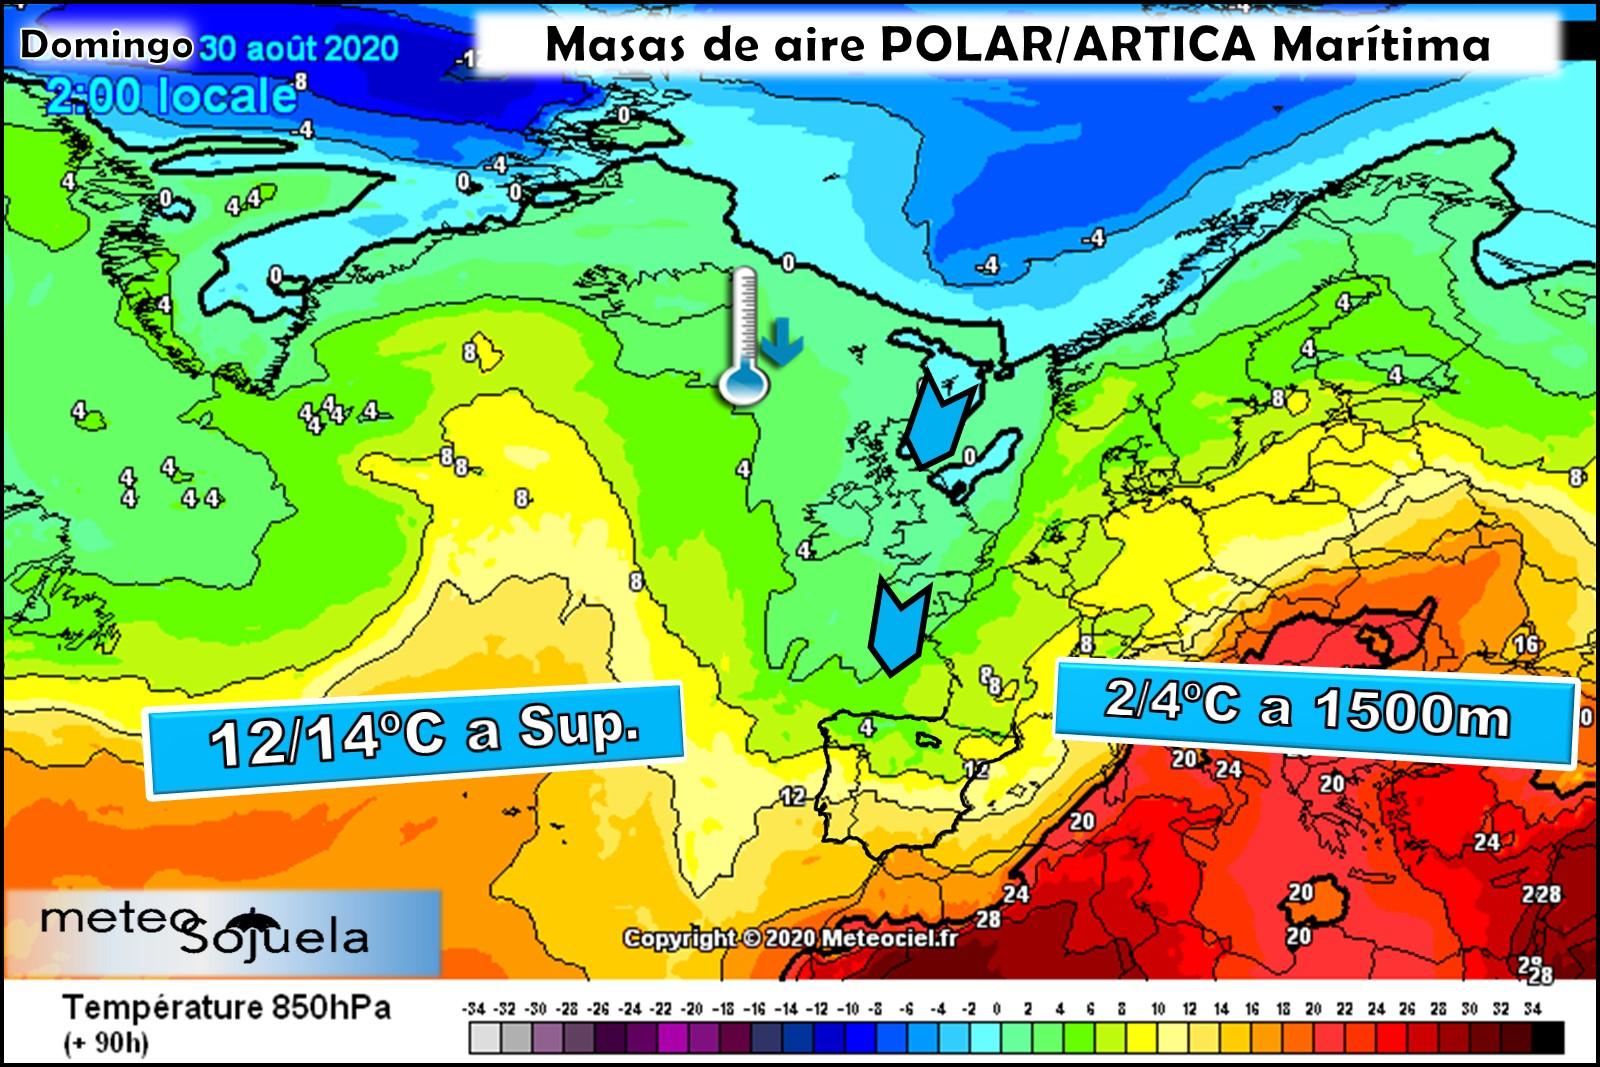 Masa de aire frio polar. Meteosojuela